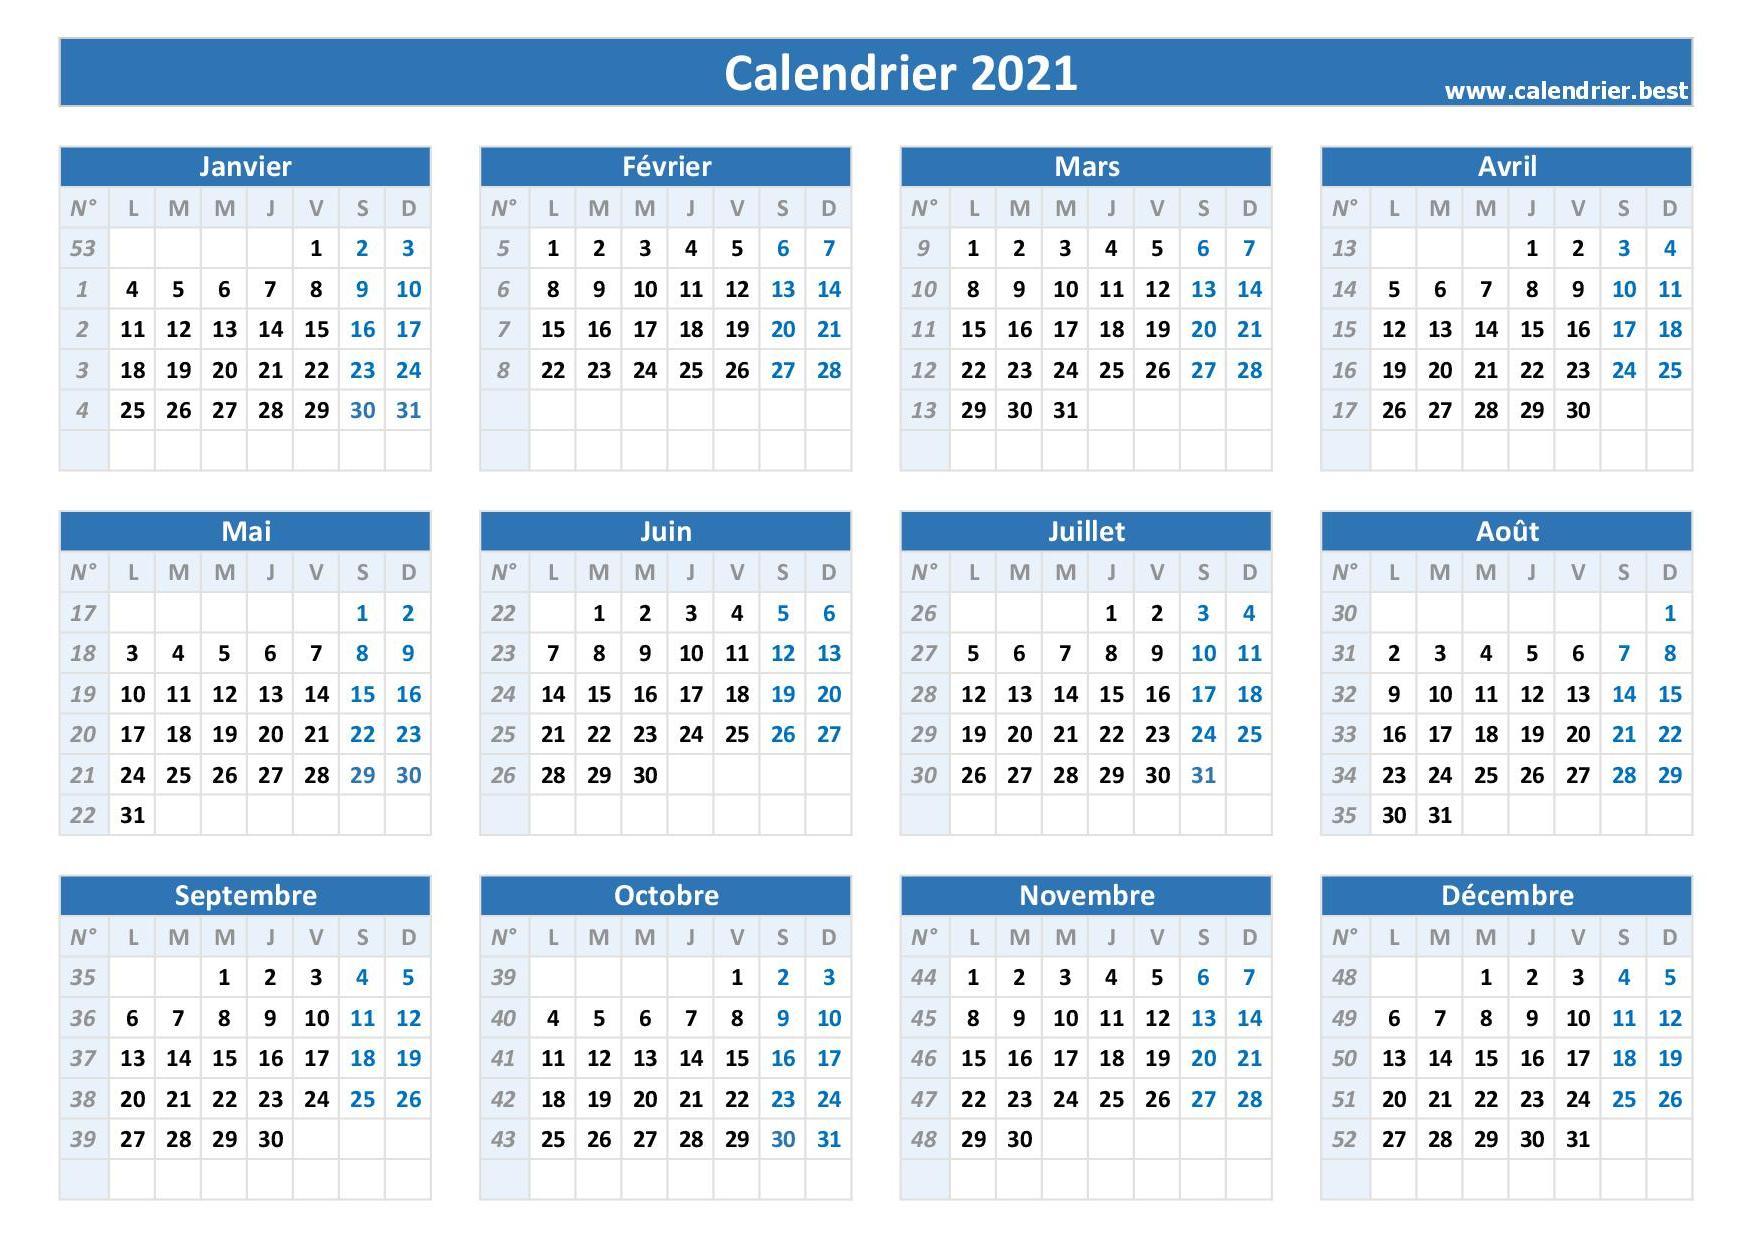 Semaine paire et impaire 2021  Calendrier.best